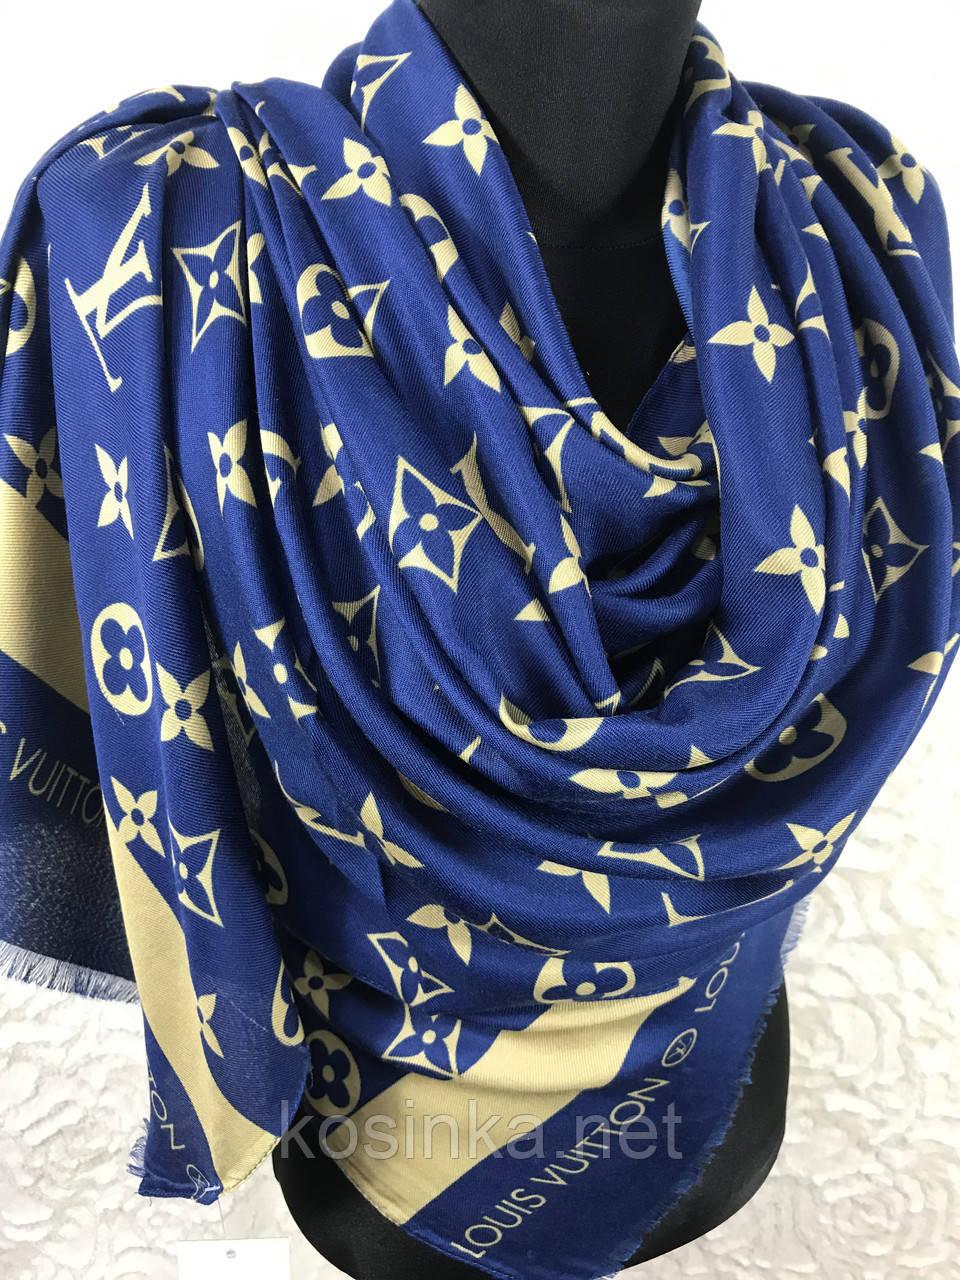 Синий брендовый палантин LOUIS VUTTON 170х60 см